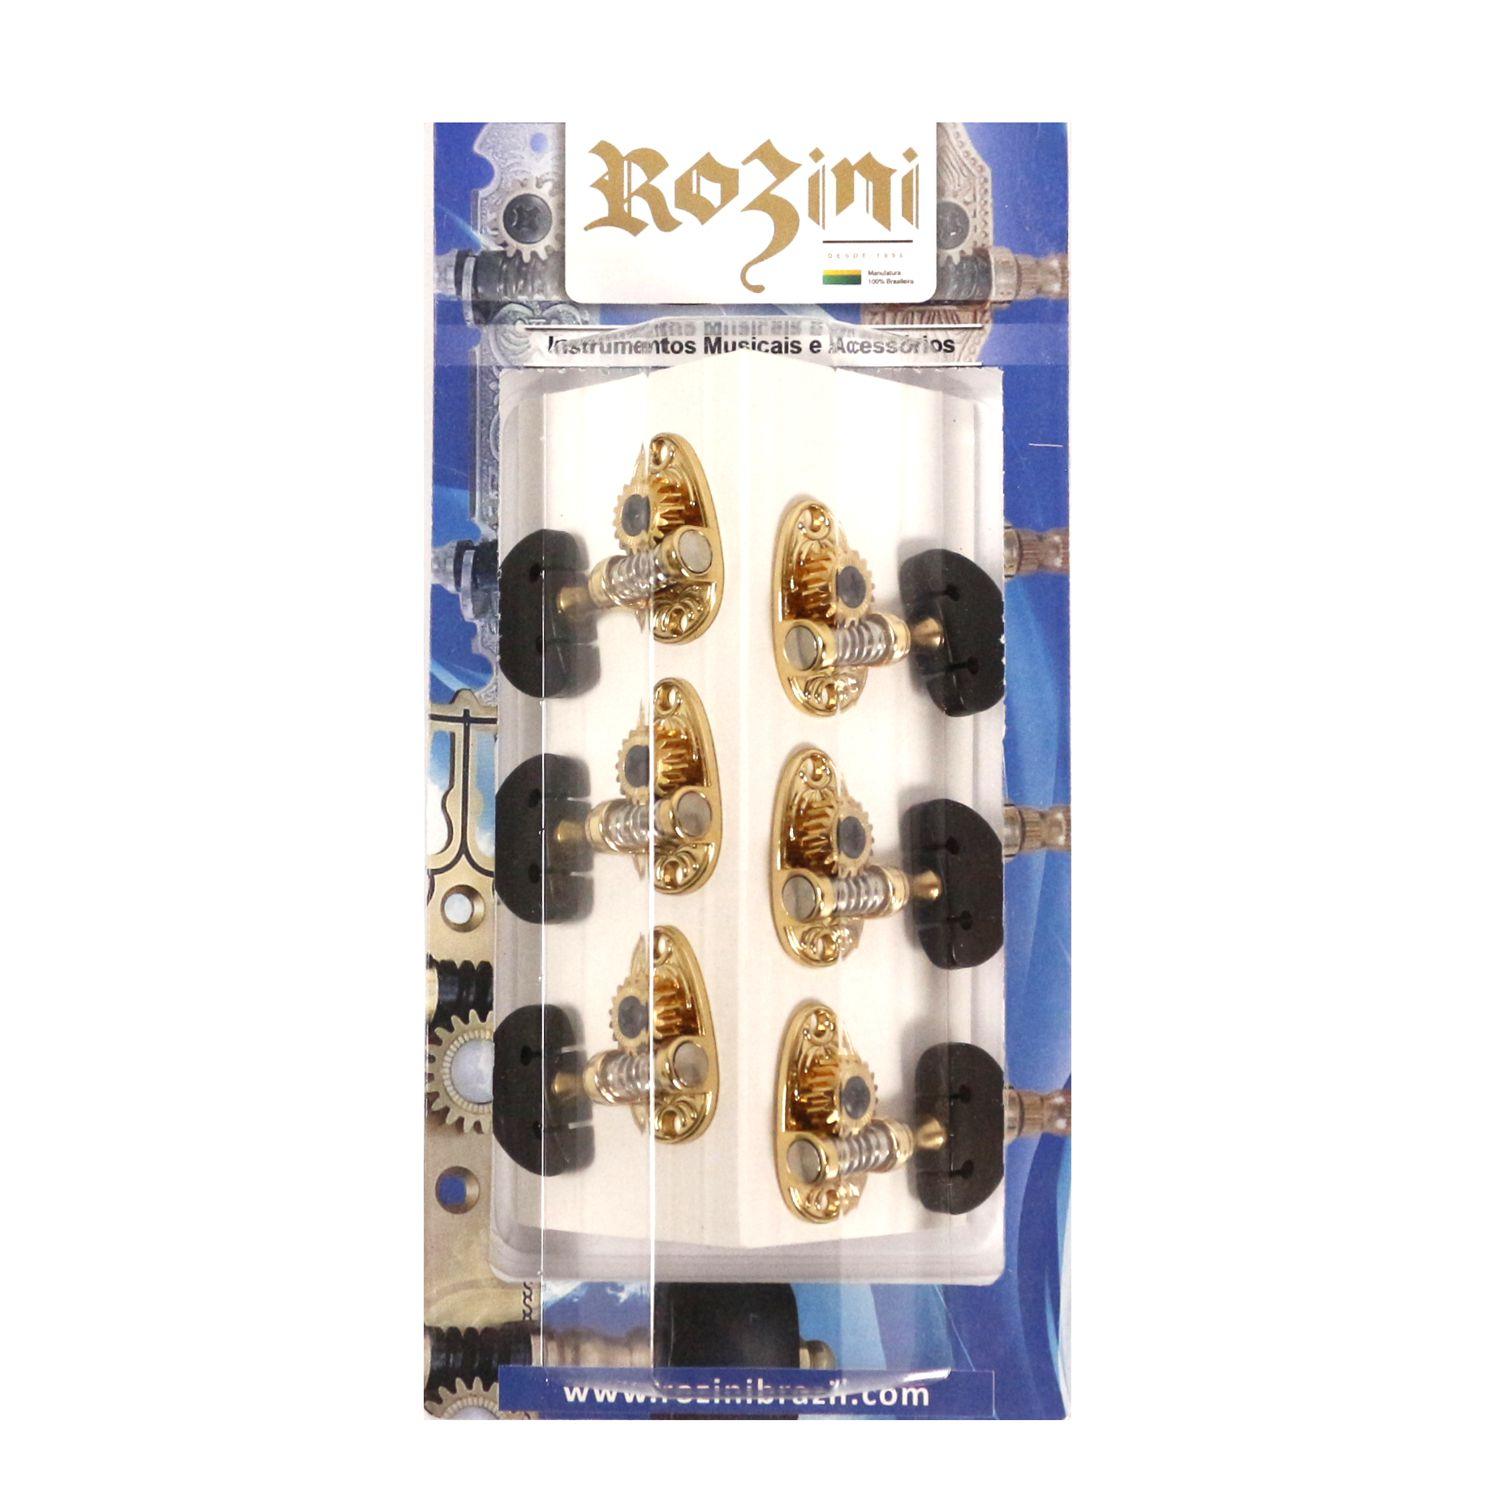 Jogo de Tarraxa Individual de Violão NYLON Dourada Botão Escuro - Rozini RAX526GPR.E6